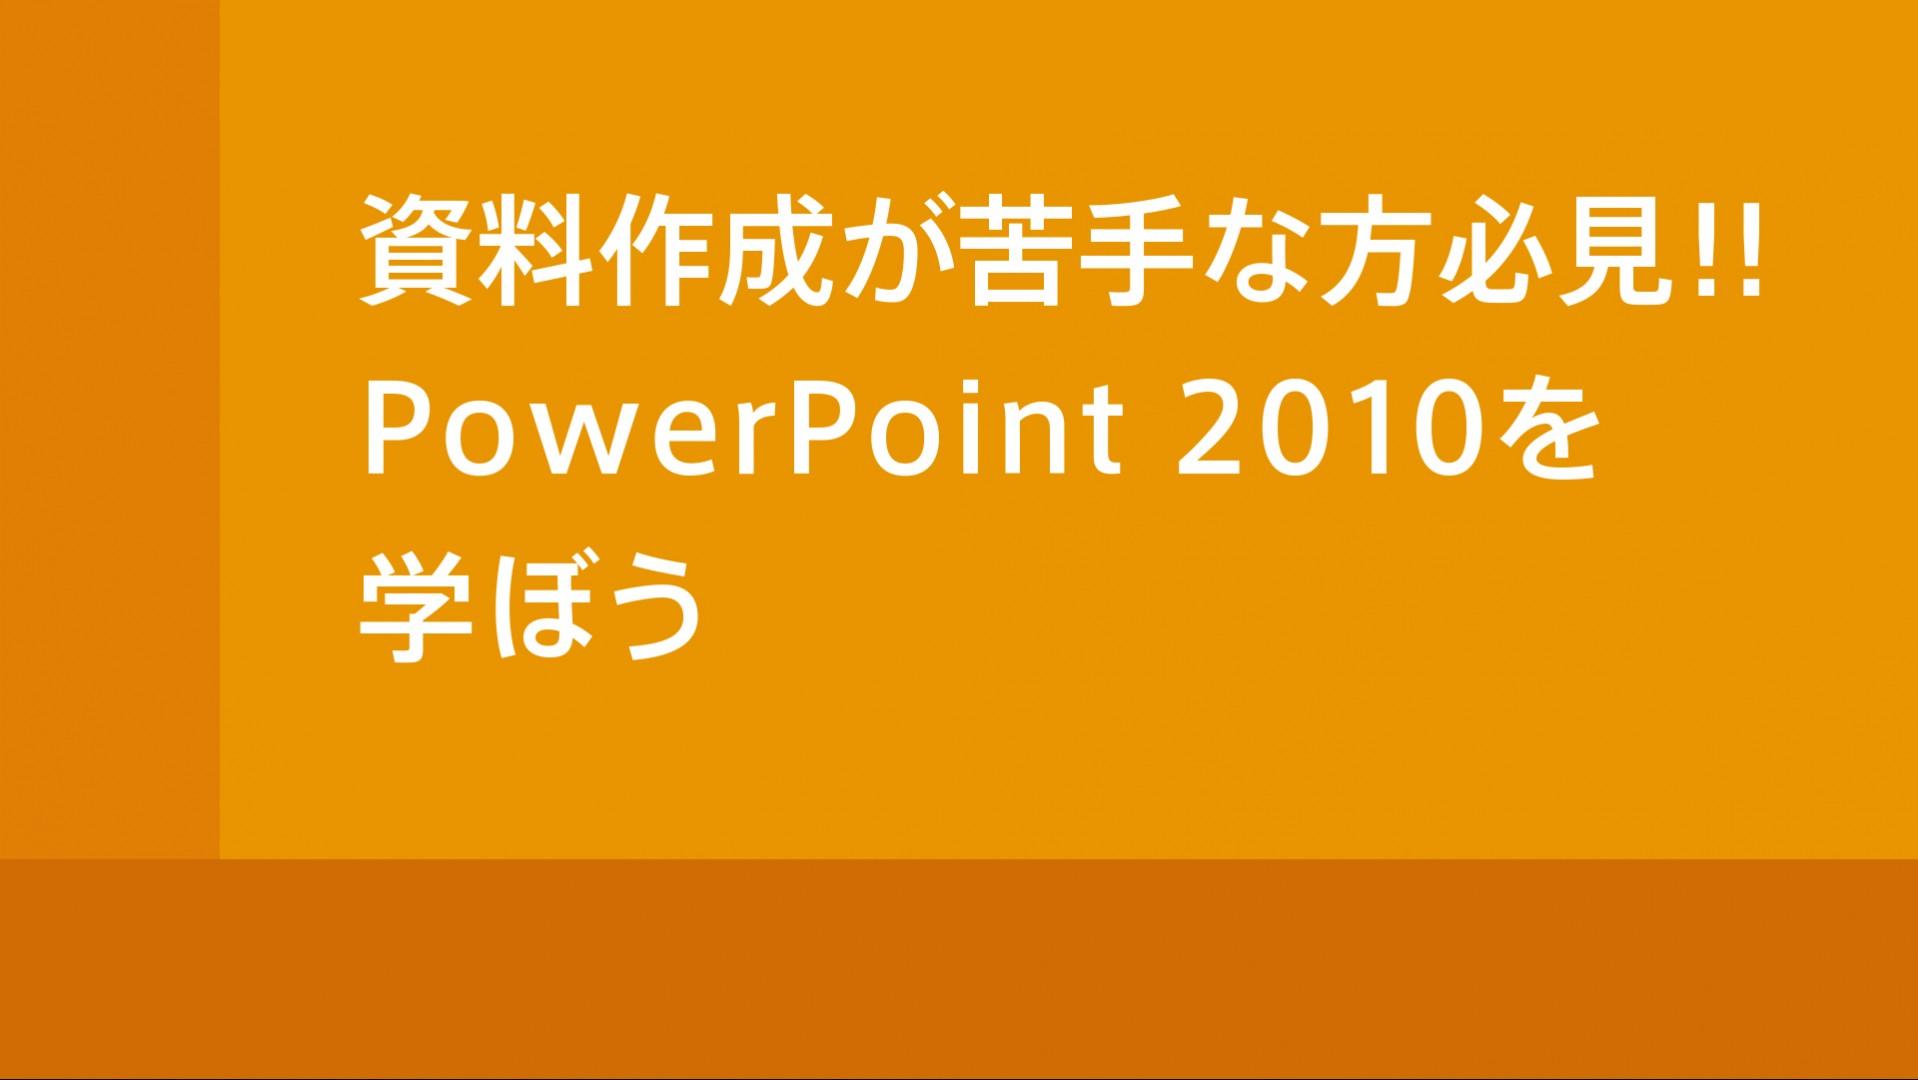 フォントのサイズと色を変更する PowerPoint2010